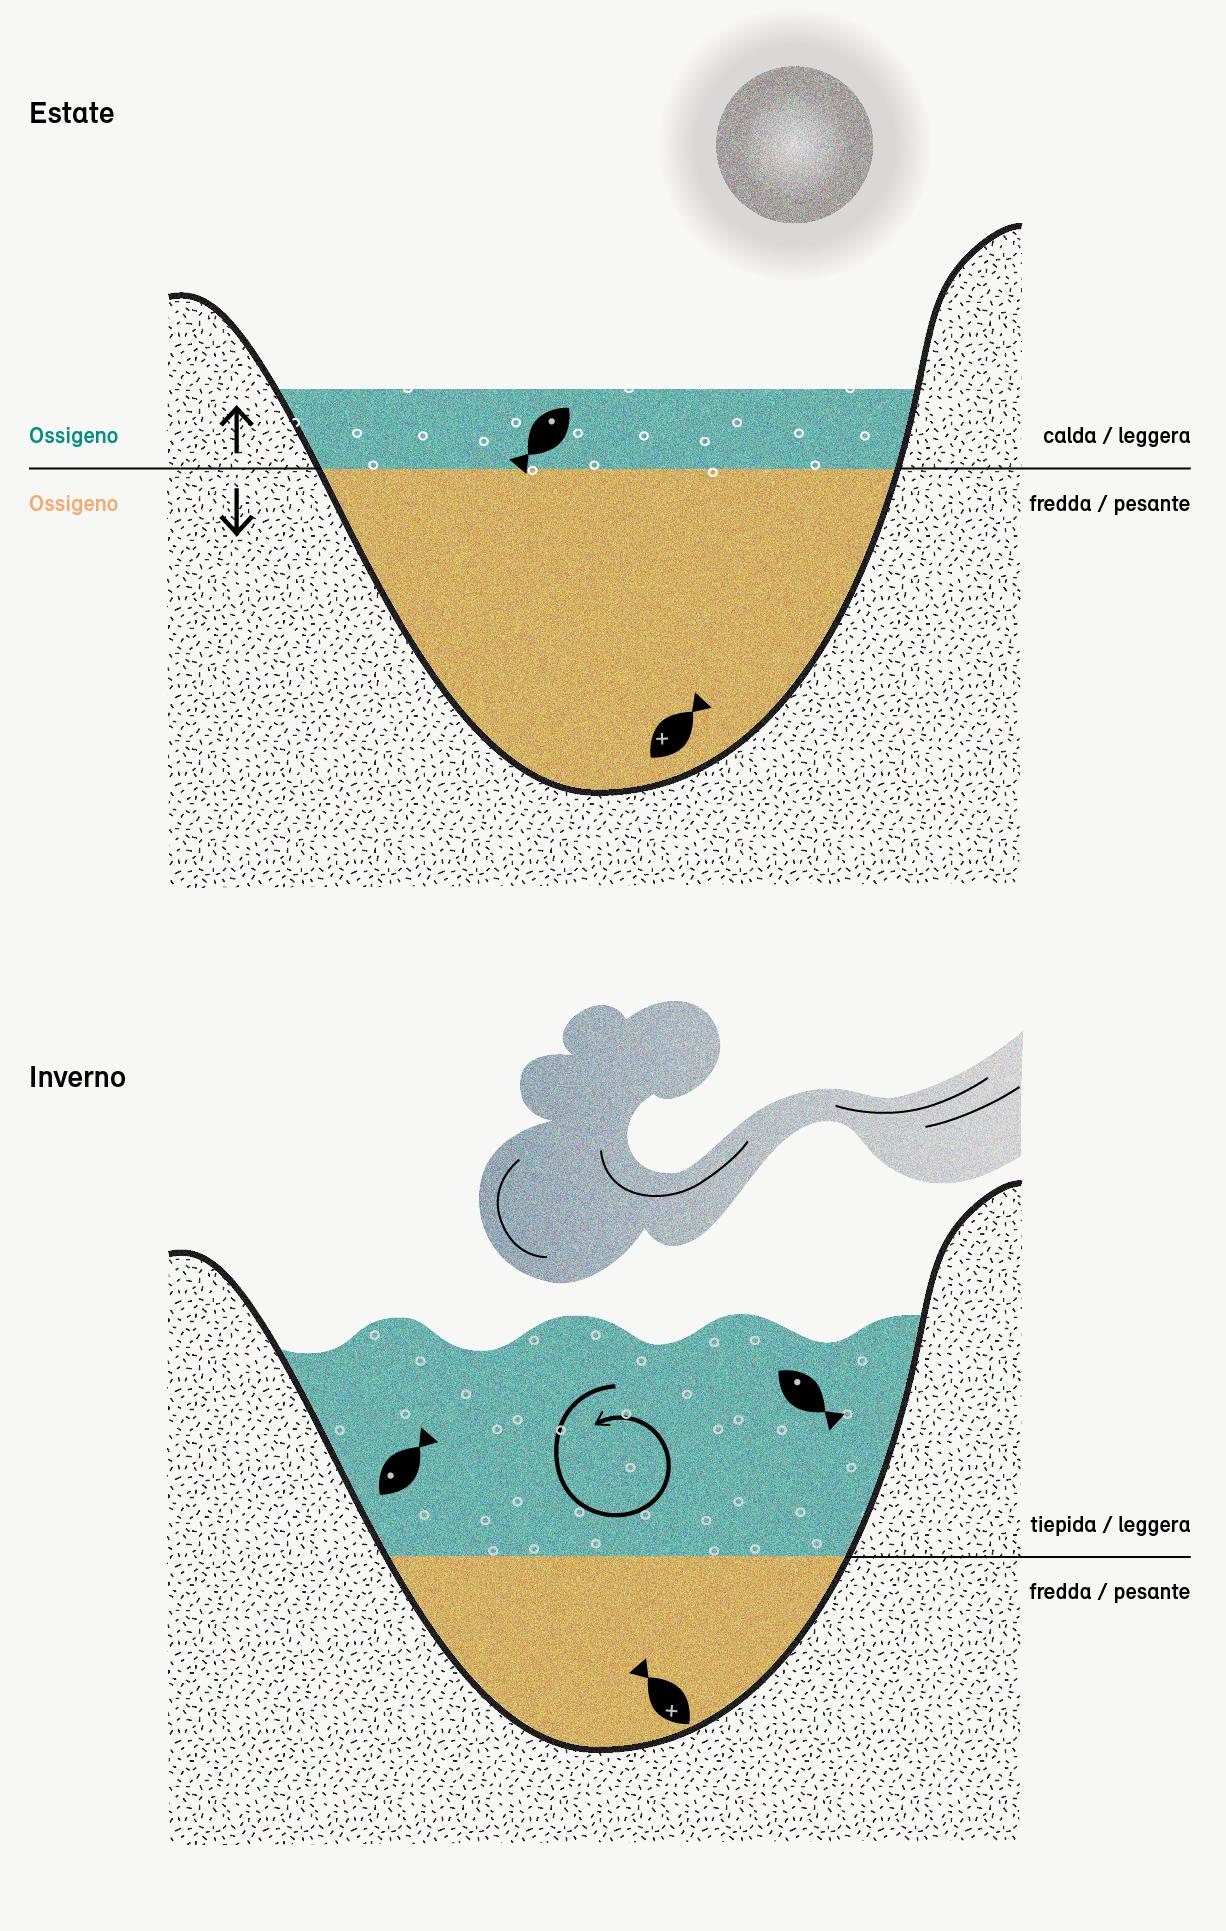 Il cambiamento climatico riduce il mescolamento dell'acqua